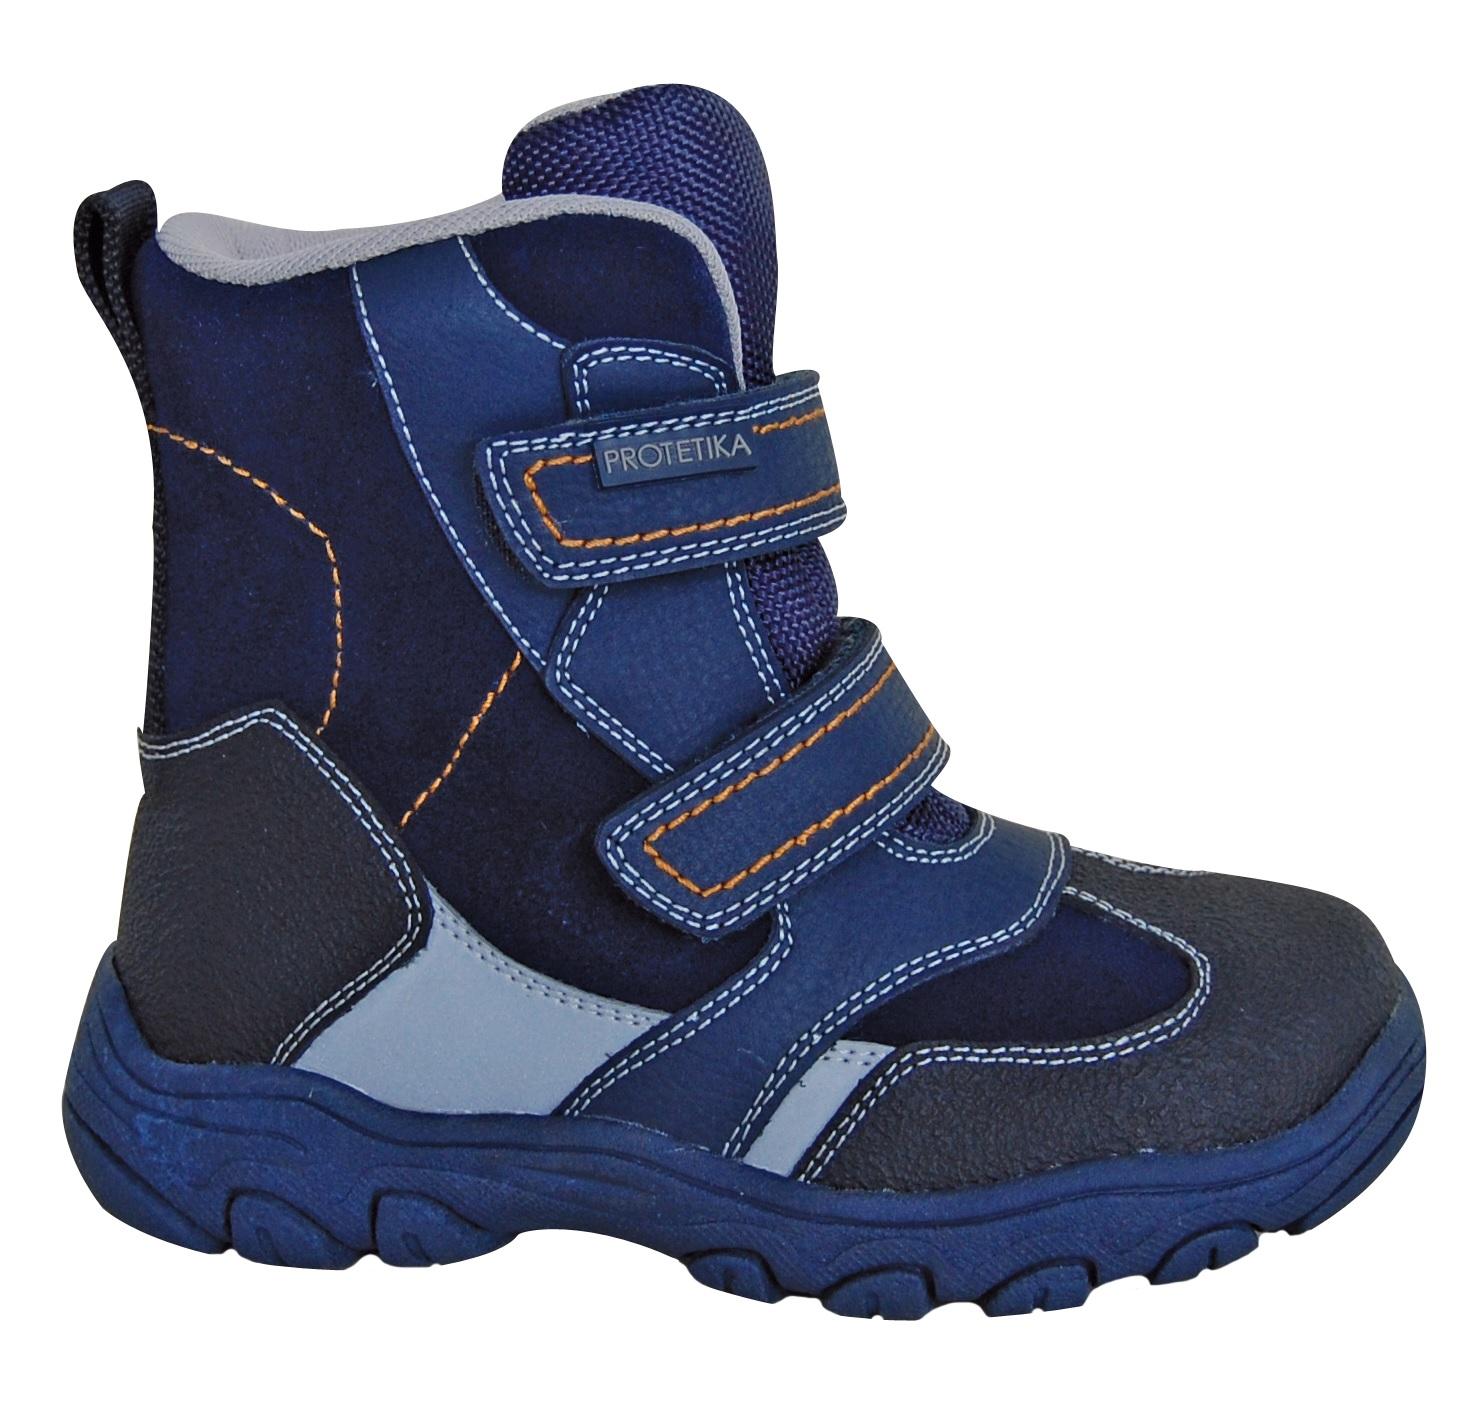 Protetika Chlapčenské zimné topánky Bolzano - modré 45979f1cc6c